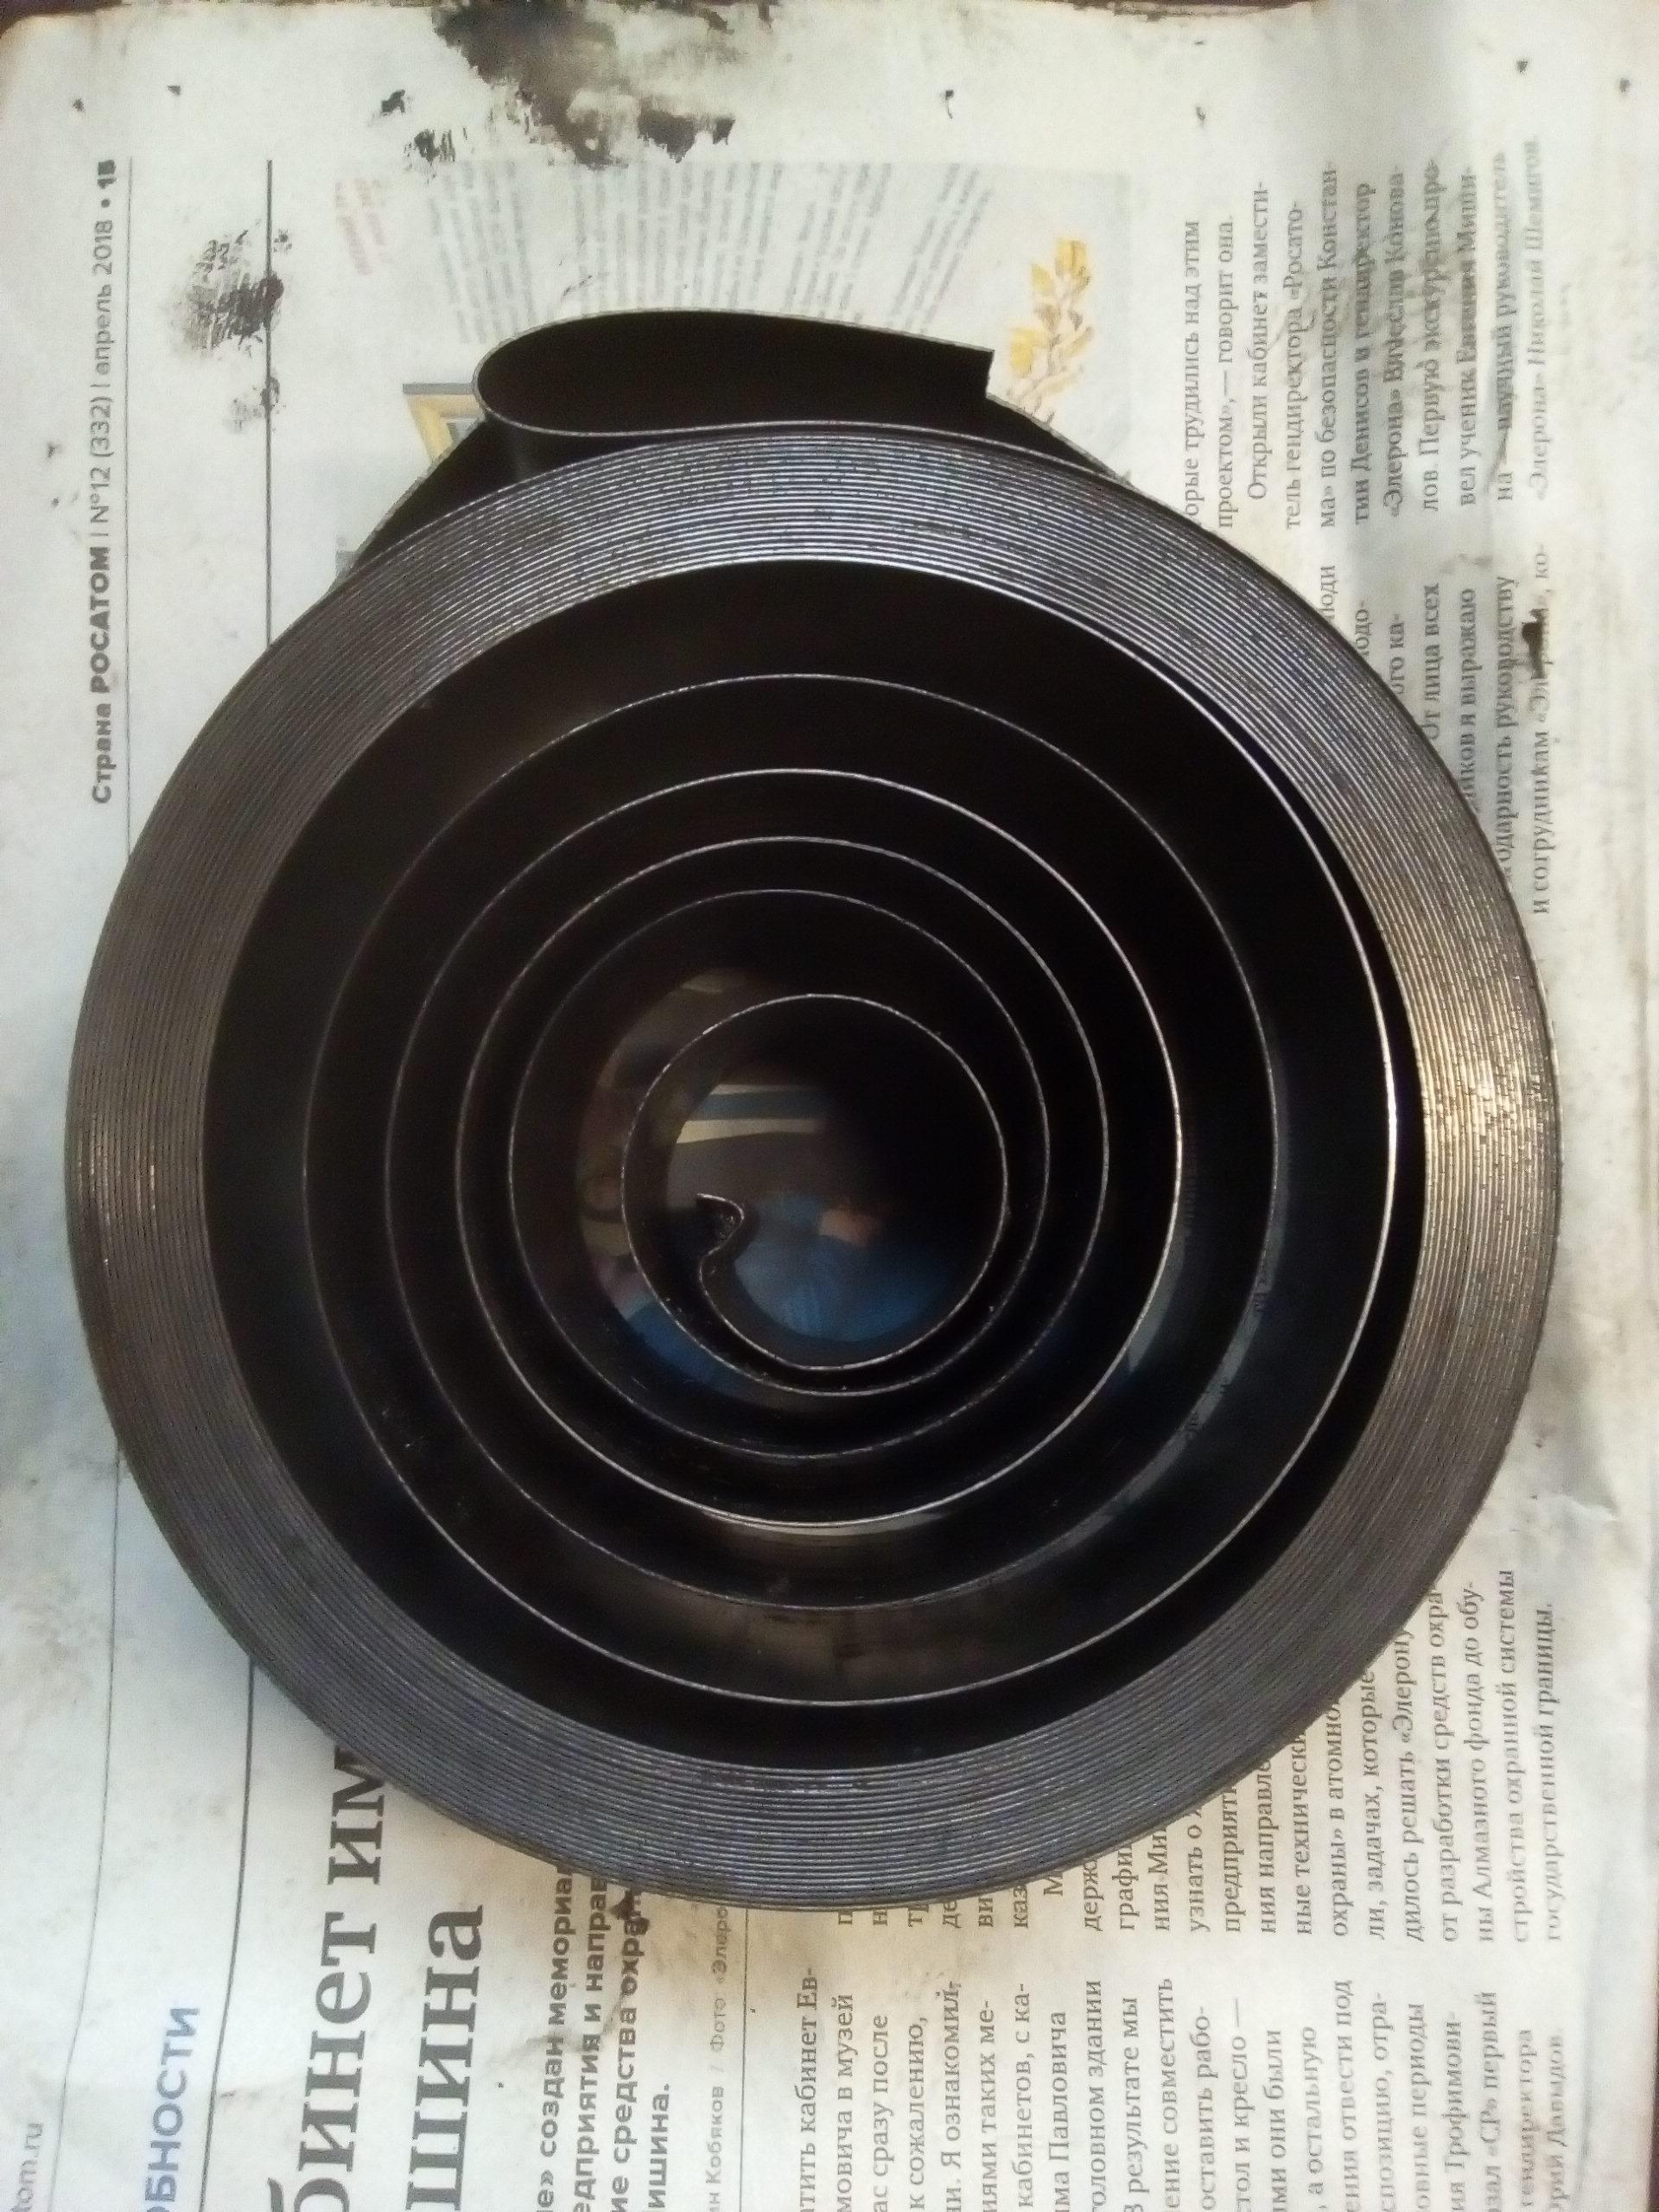 Dostosowane usługi ze stali sprężynowej sprężyny spiralne płaskie, z stałą siłę 0.5x40x145x10000mm